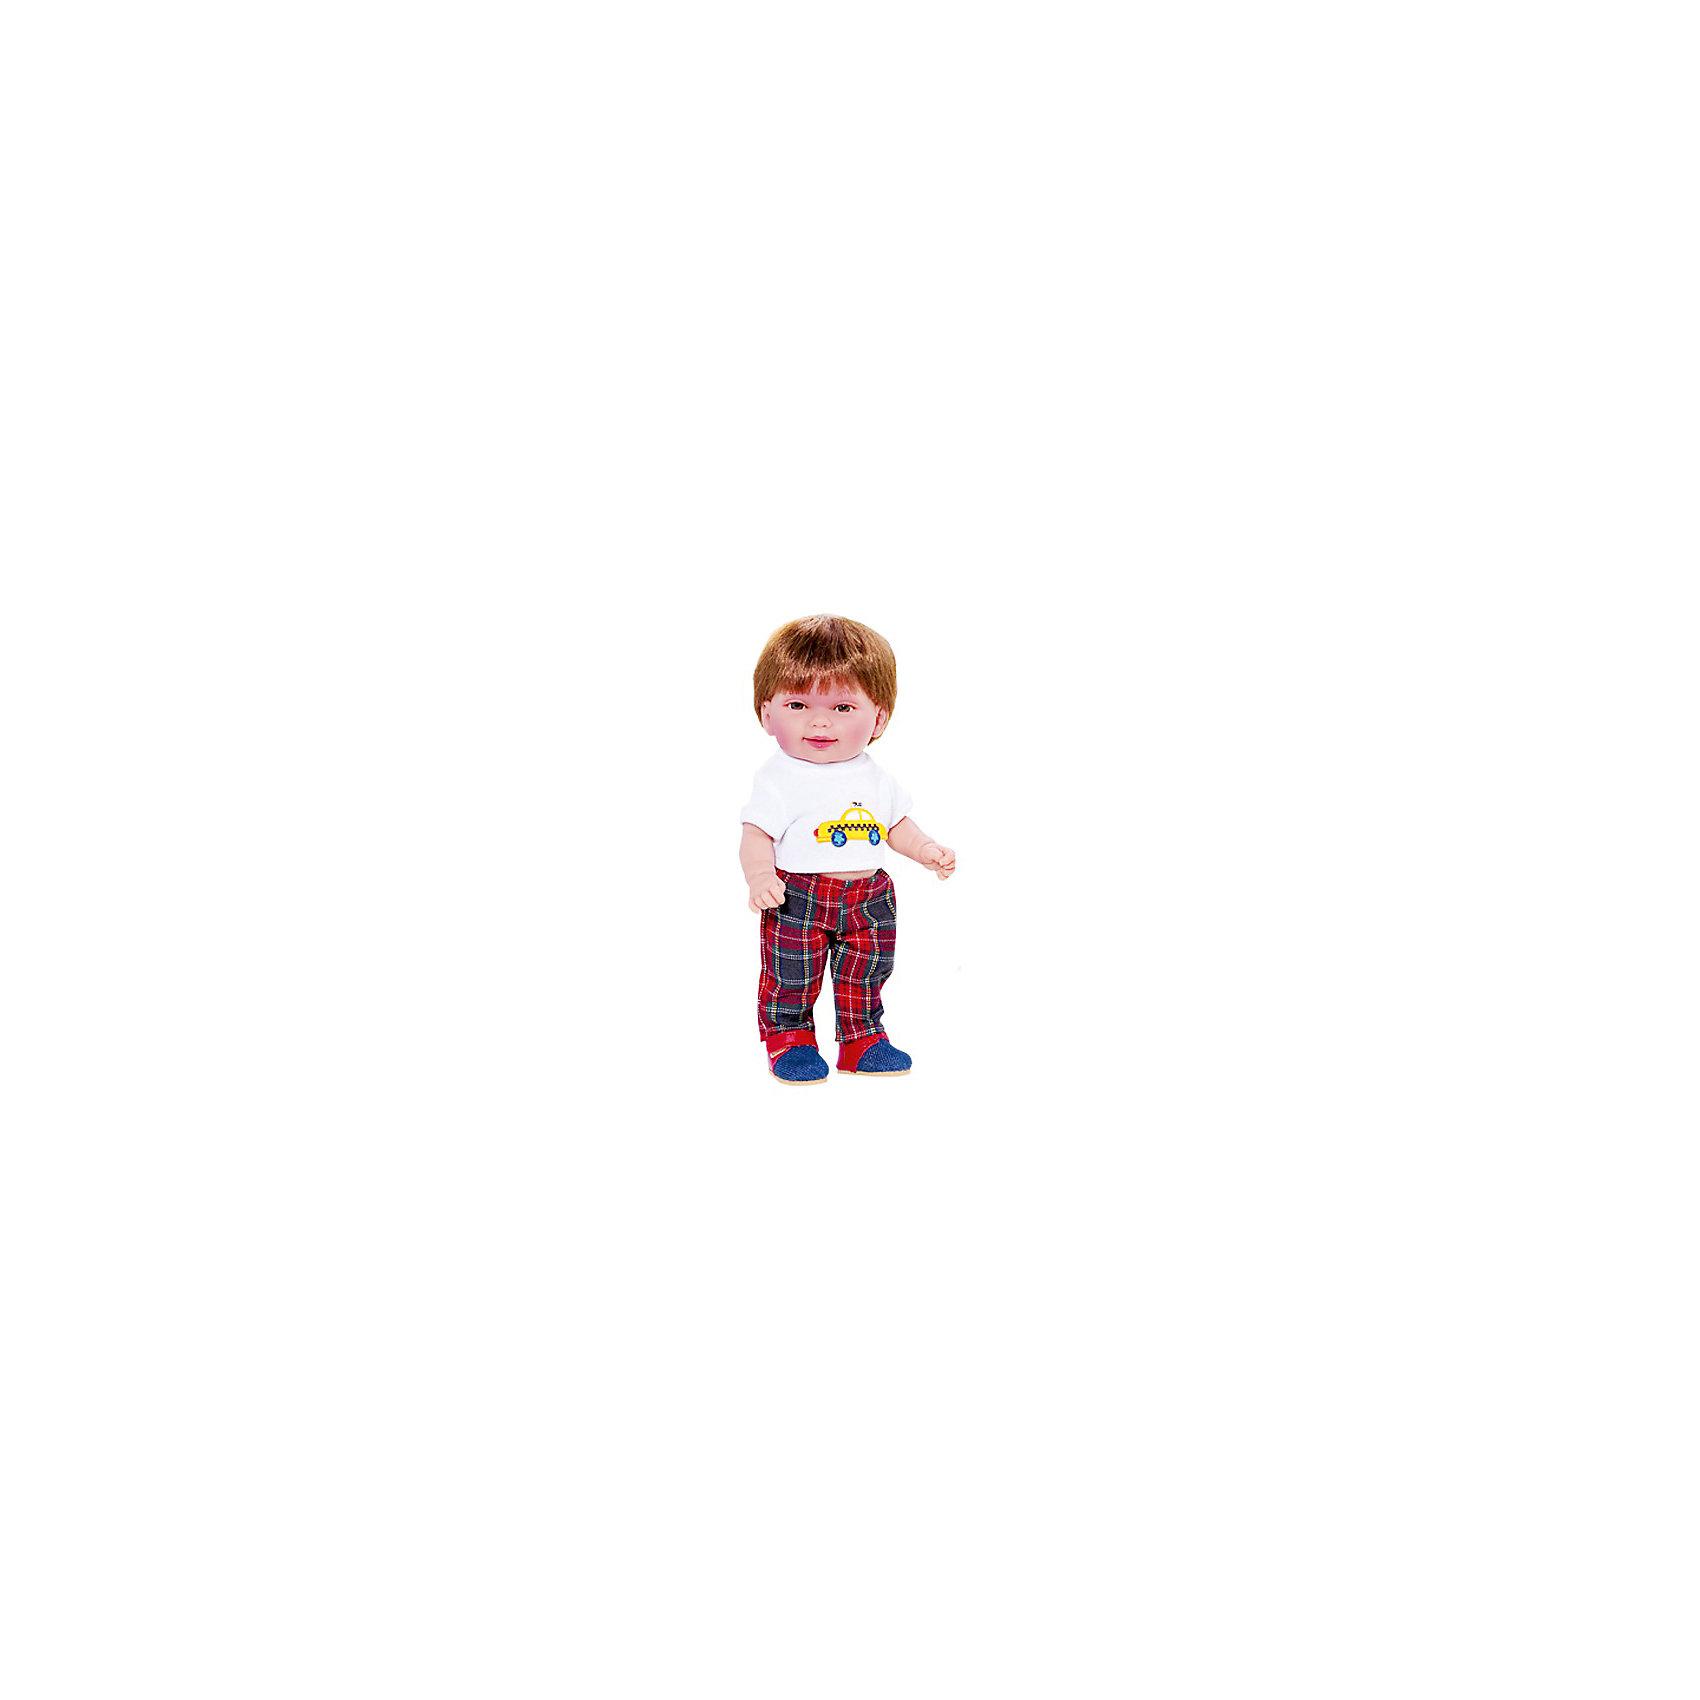 Кукла Vestida de Azul Мико стиляга, умеет стоять, серия soft touchКлассические куклы<br><br><br>Ширина мм: 380<br>Глубина мм: 120<br>Высота мм: 240<br>Вес г: 650<br>Возраст от месяцев: 72<br>Возраст до месяцев: 2147483647<br>Пол: Женский<br>Возраст: Детский<br>SKU: 7073755